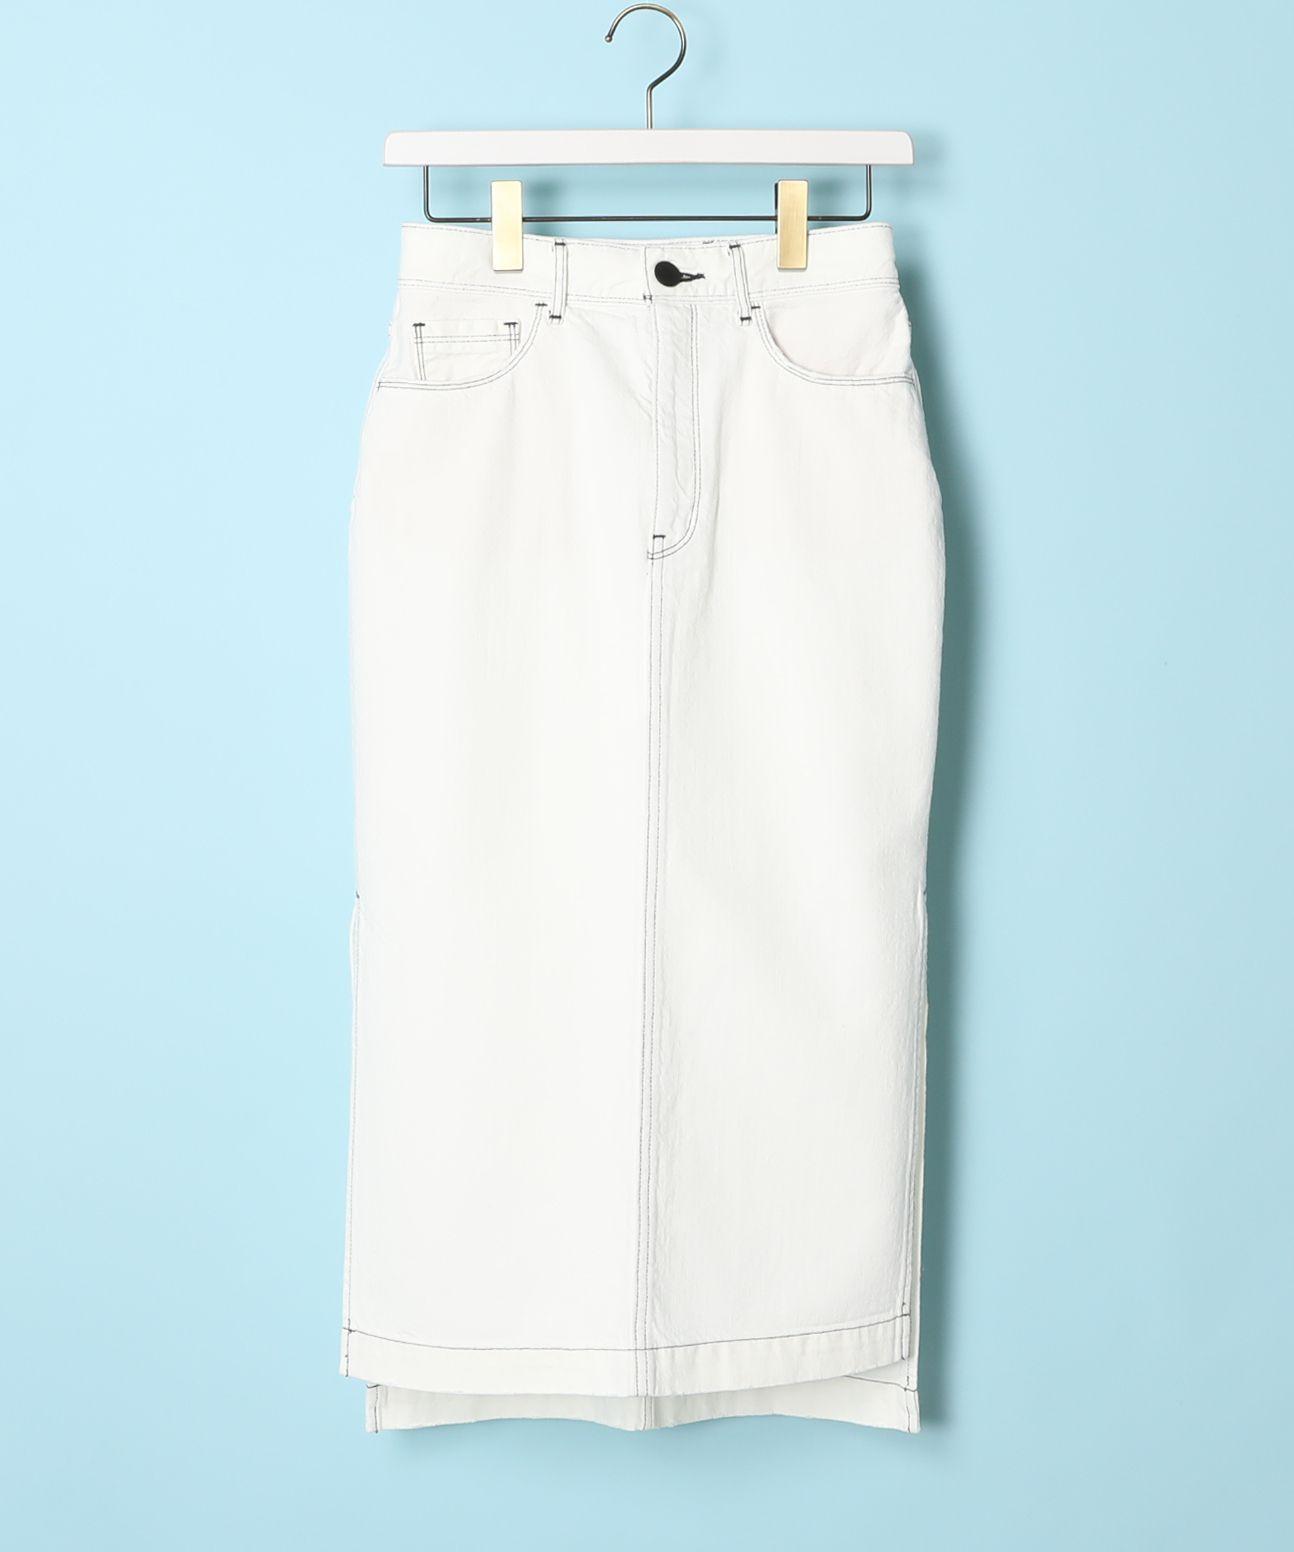 THE BLACK ザブラック / IVY Skirt スカート